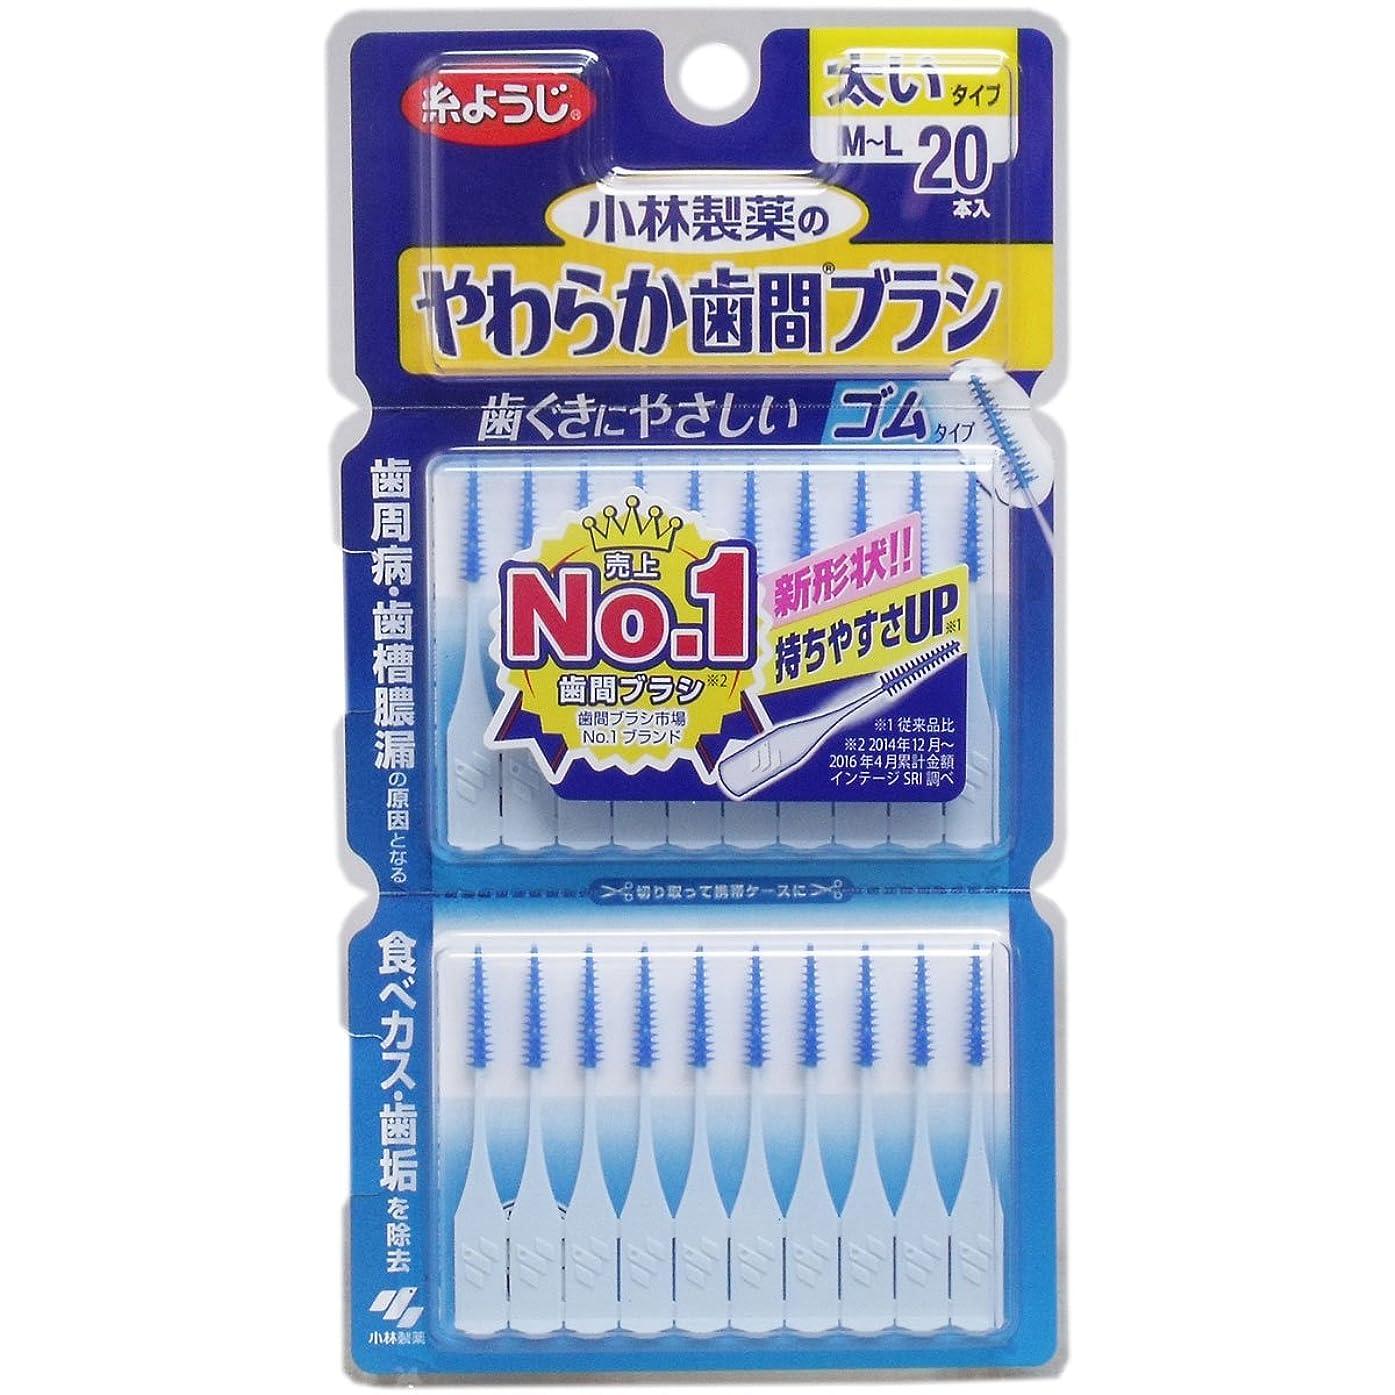 戸棚共産主義者かなりやわらか歯間ブラシ 太いタイプ M-Lサイズ 20本 ×2セット